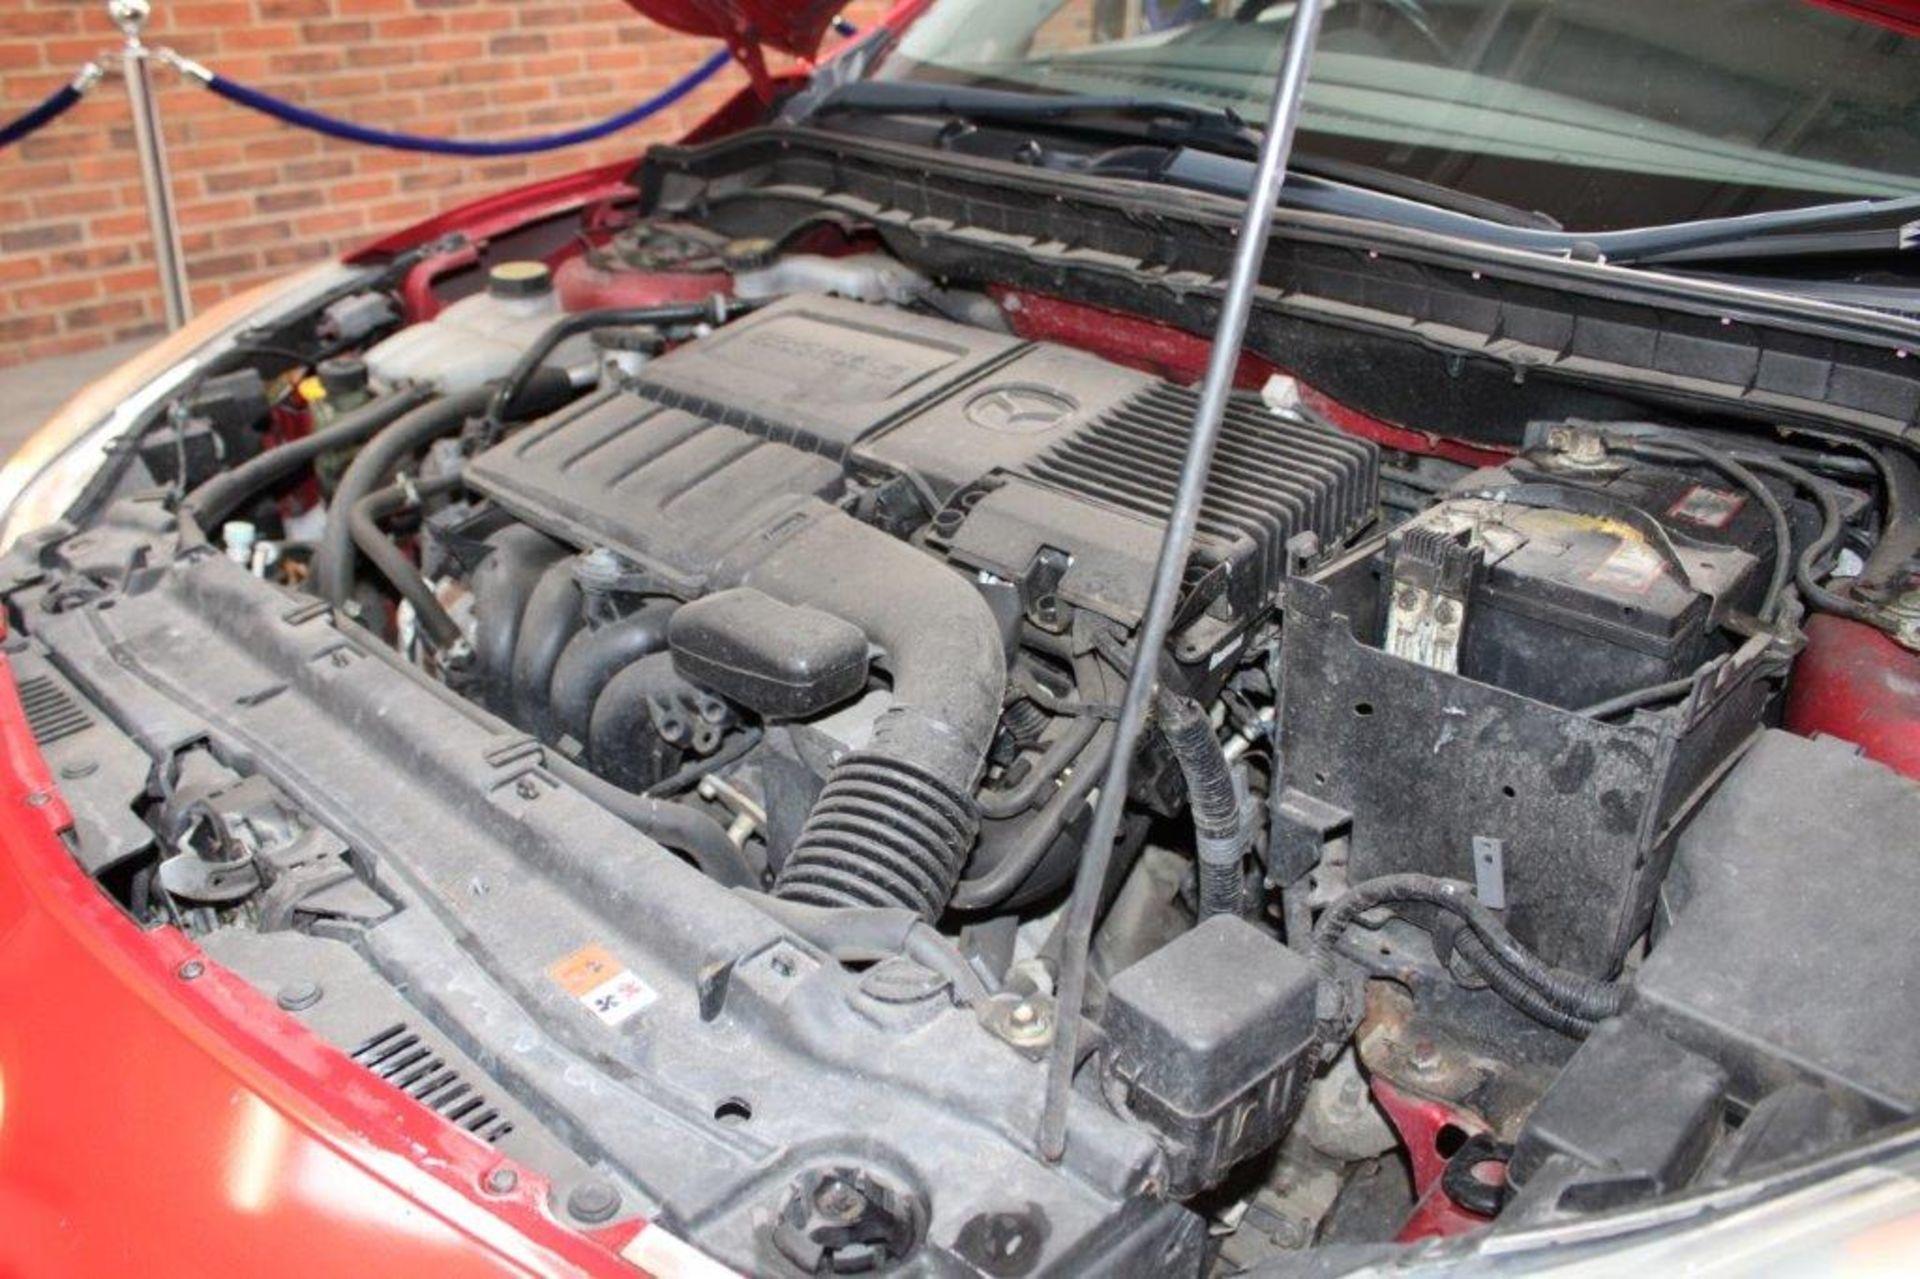 60 11 Mazda 3 Sport - Image 15 of 26